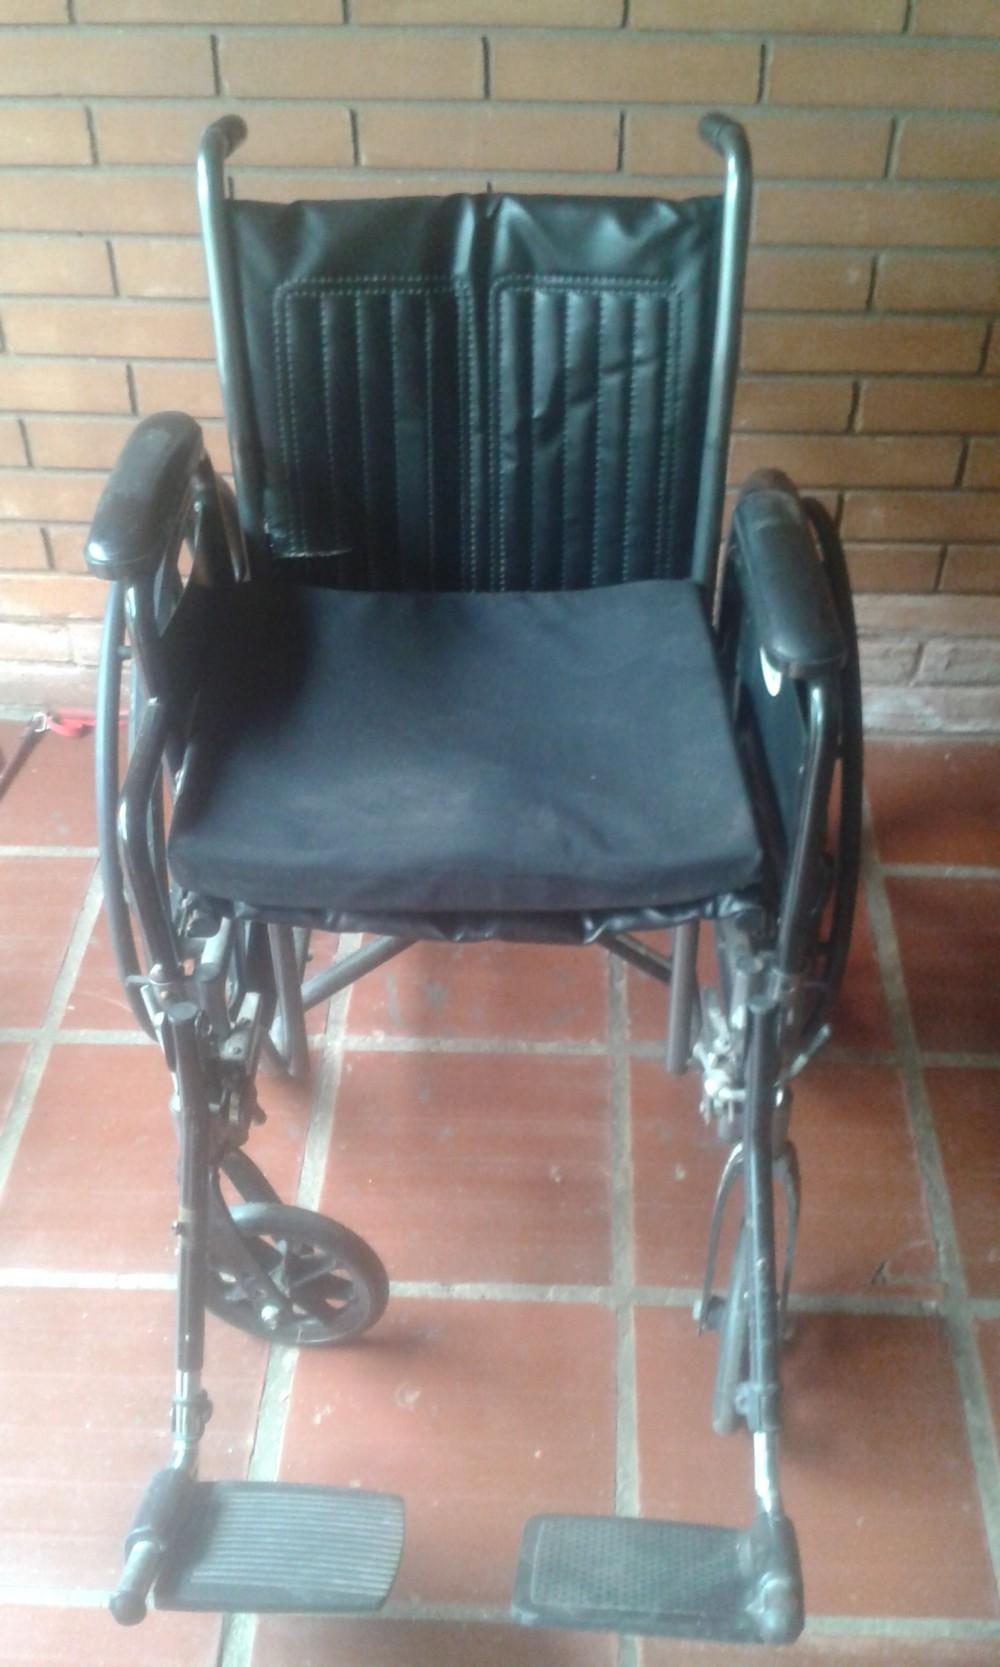 REPARACION DE SILLONES Y SILLAS PARA LA OFICINA Y DE HOSPITAL